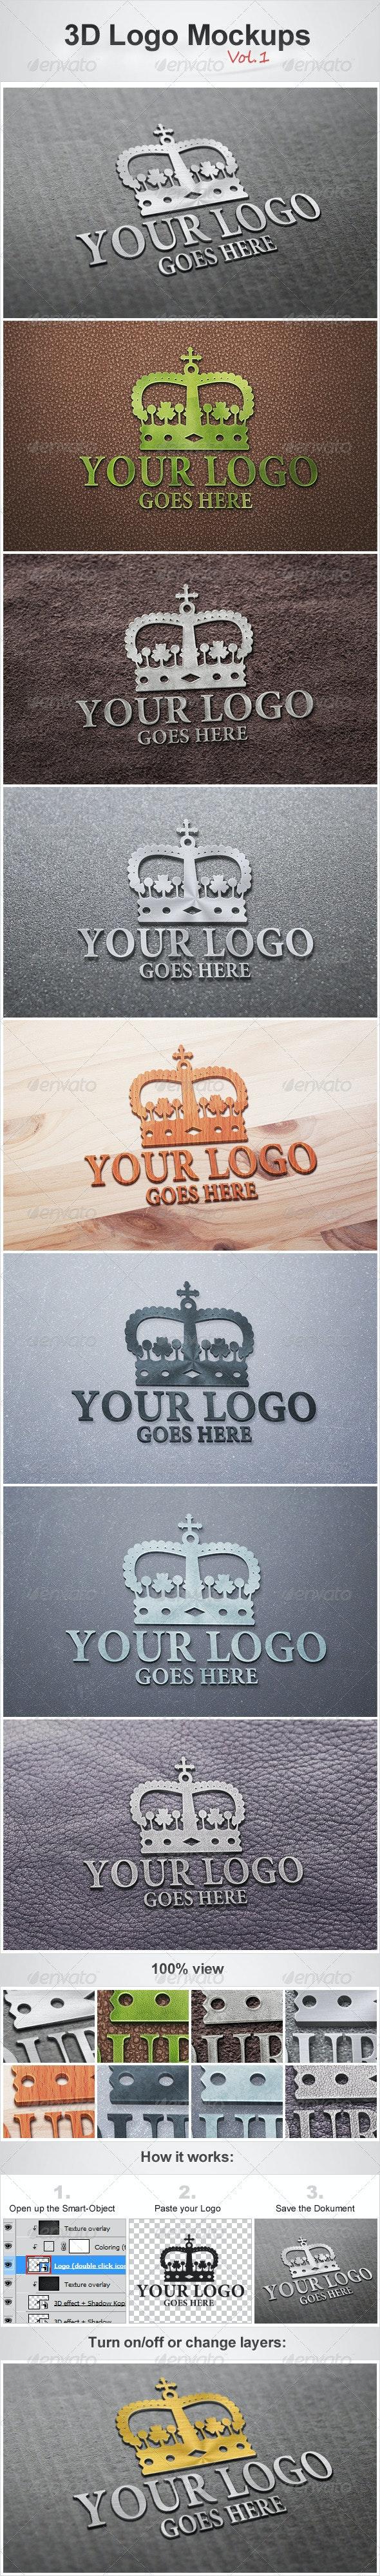 3D Logo Mockups Vol.1 - Logo Product Mock-Ups